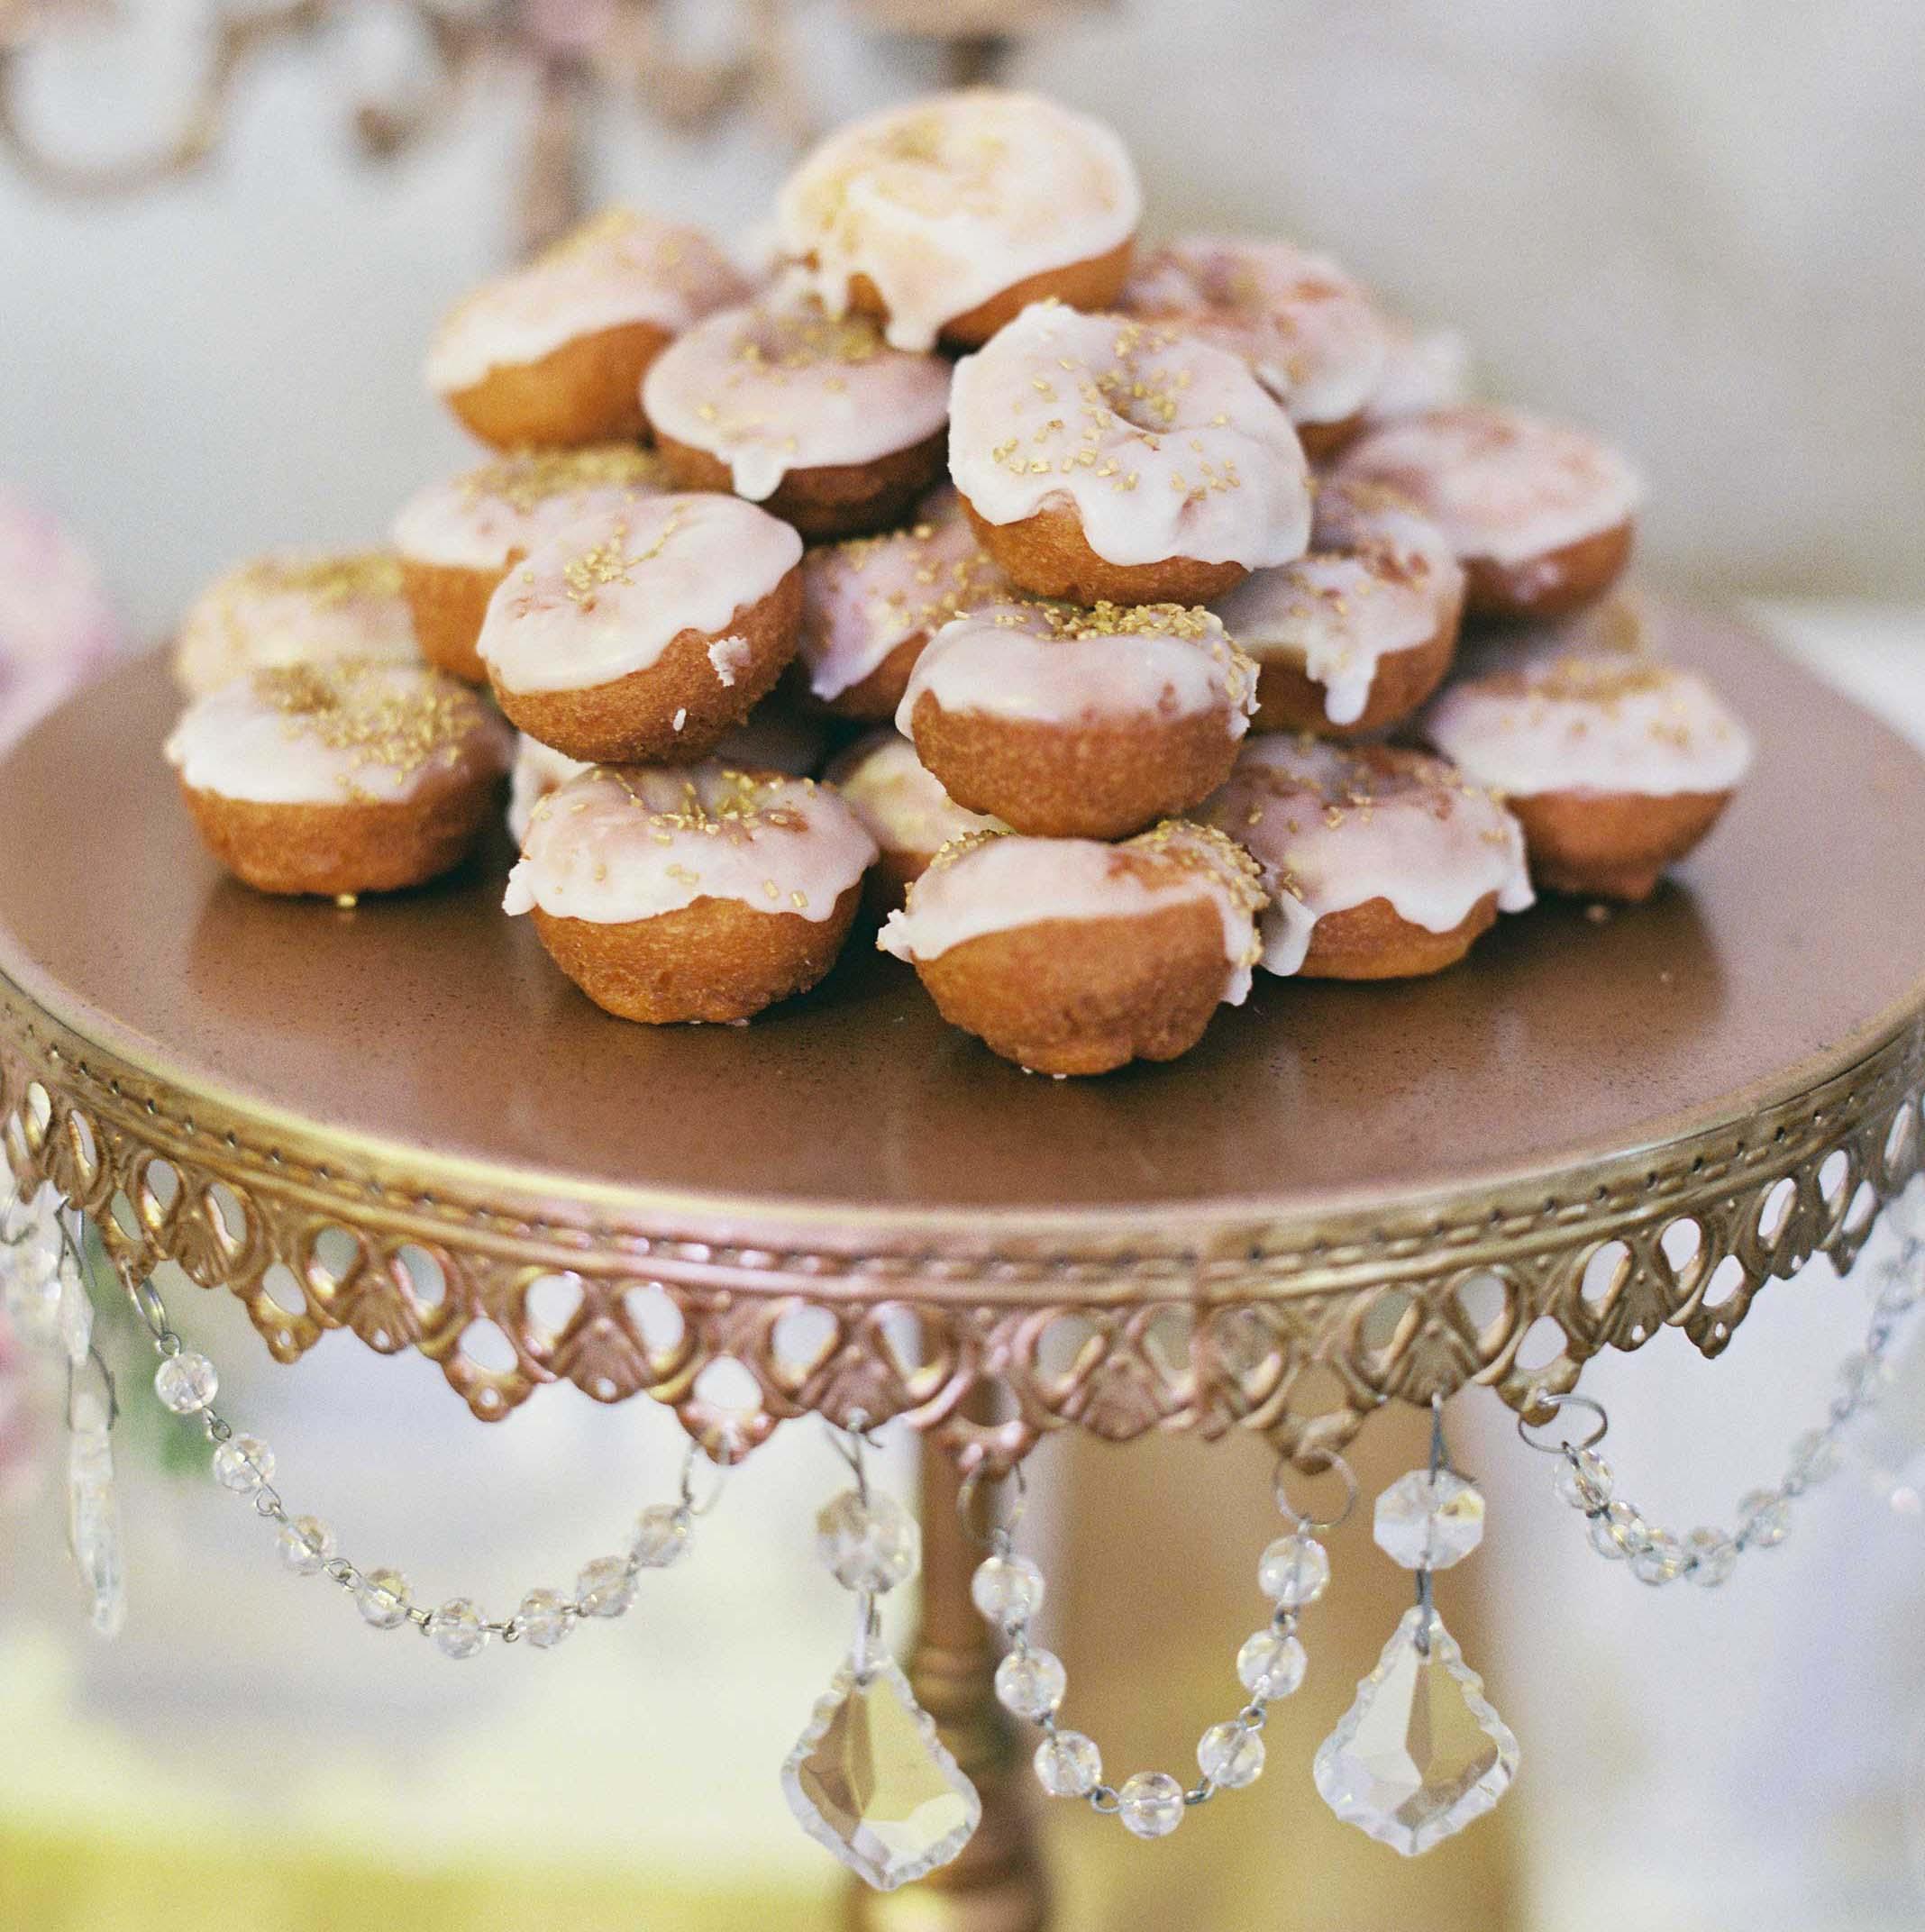 gourmet donuts wedding dessert bar